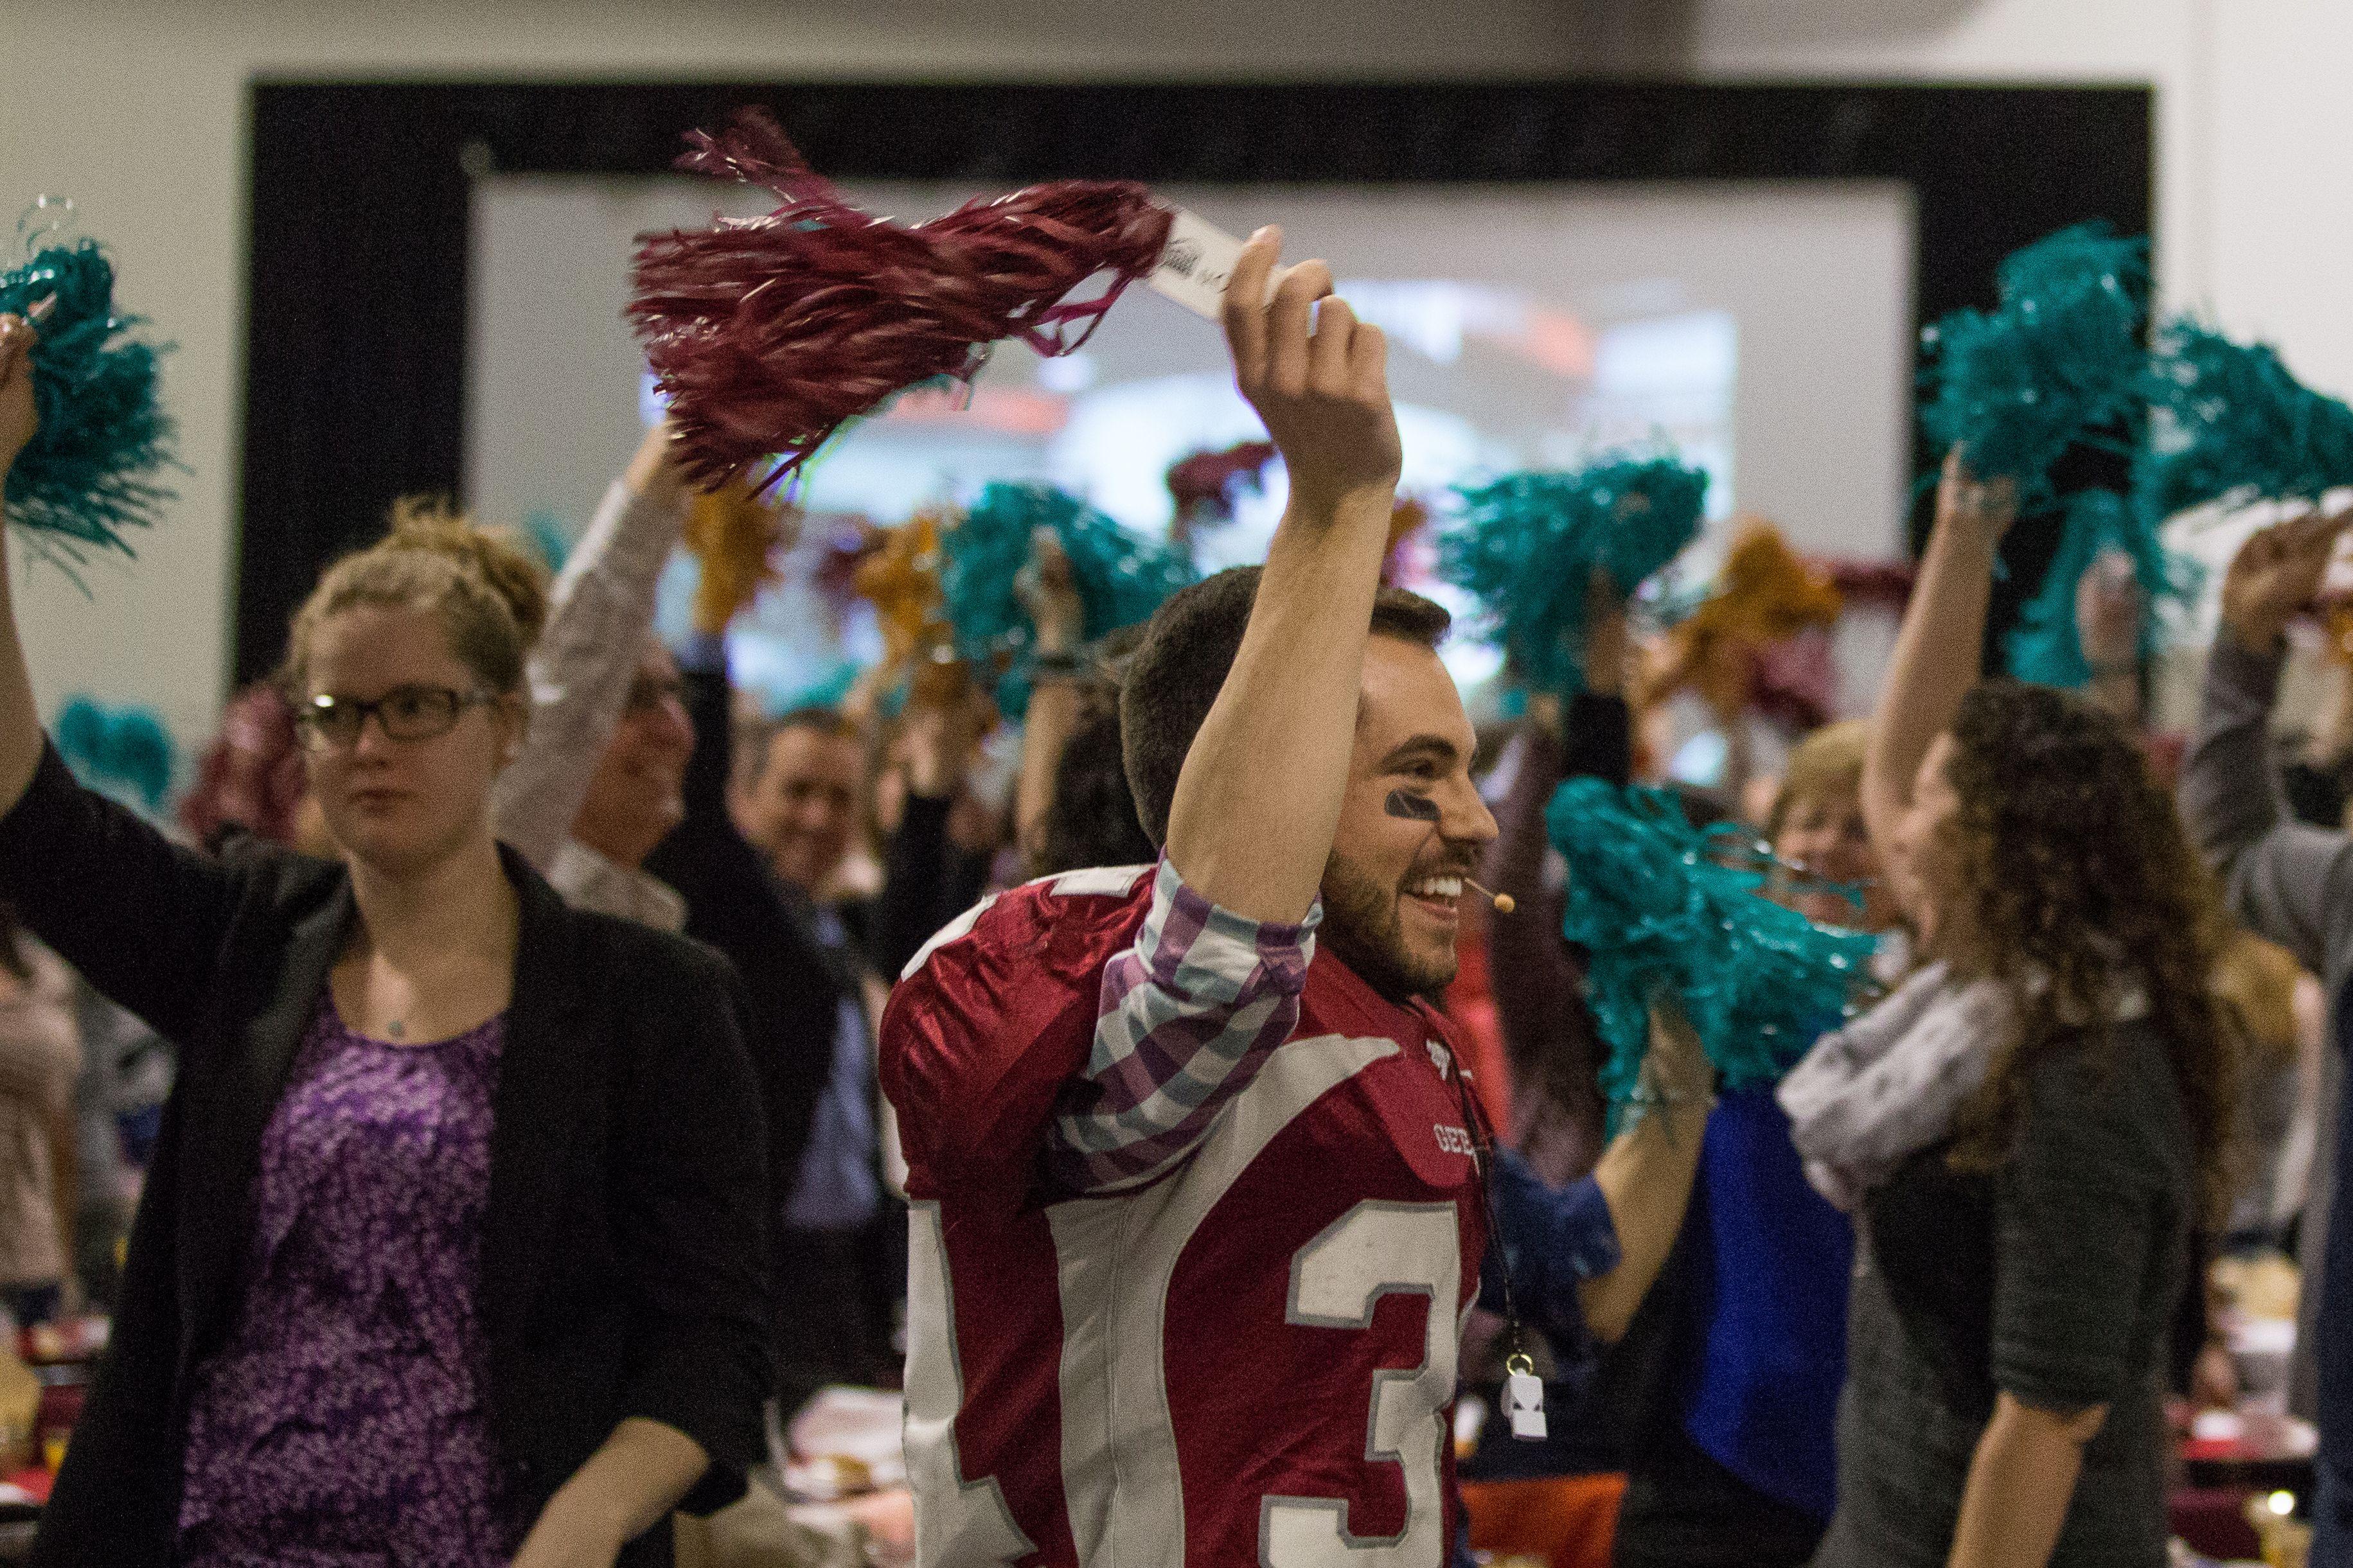 Justin Thibault, à l'avant, revêt un uniforme de footballeur des Gee-Gees et agite un pompon devant une foule; en arrière-plan, le public imite son geste.